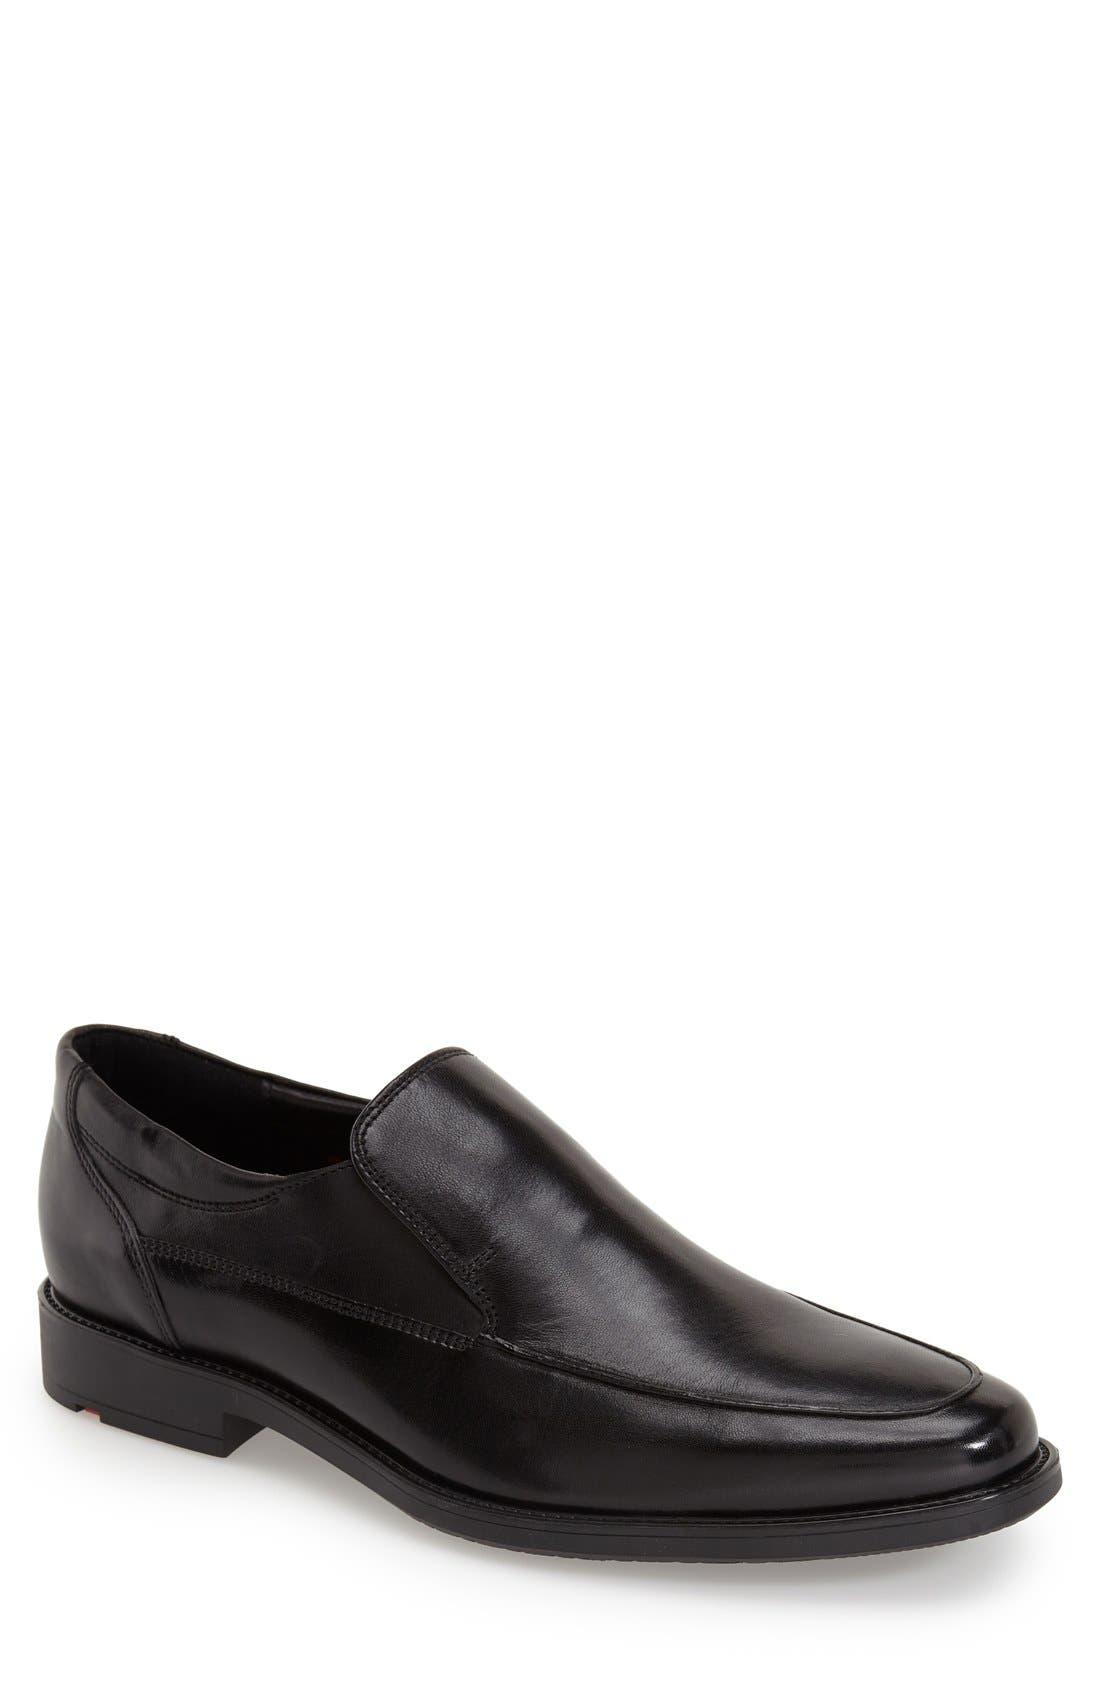 'Nante' Venetian Loafer,                             Main thumbnail 1, color,                             BLACK